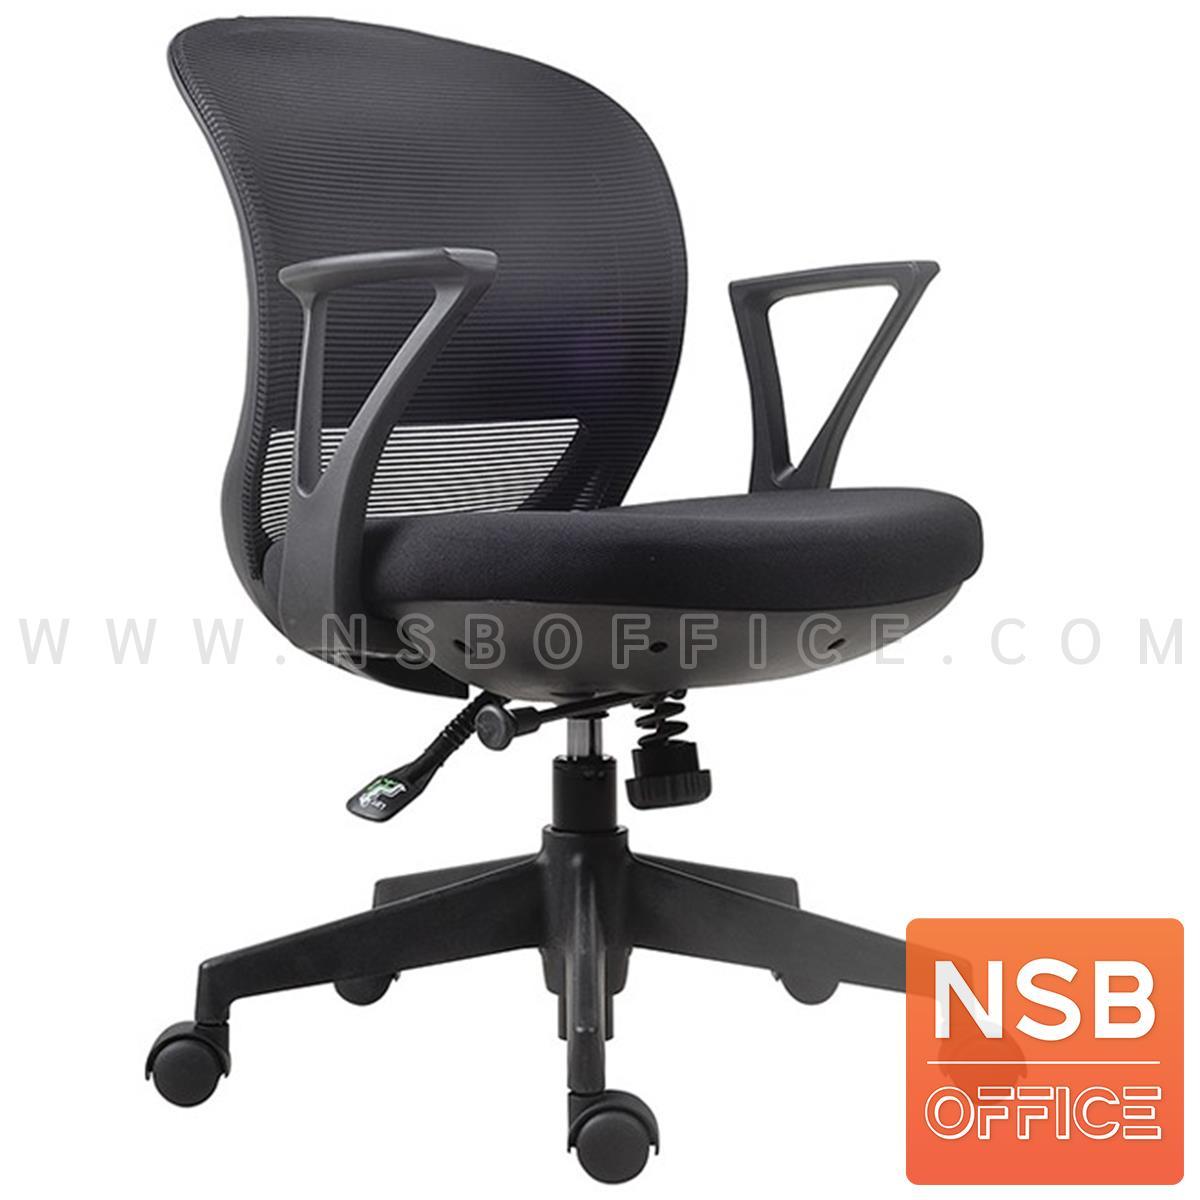 B03A448:เก้าอี้สำนักงานพนักพิงหลัง  รุ่น Please (พลีส)  โช็คแก๊ส ก้อนโยก ขาพลาสติก